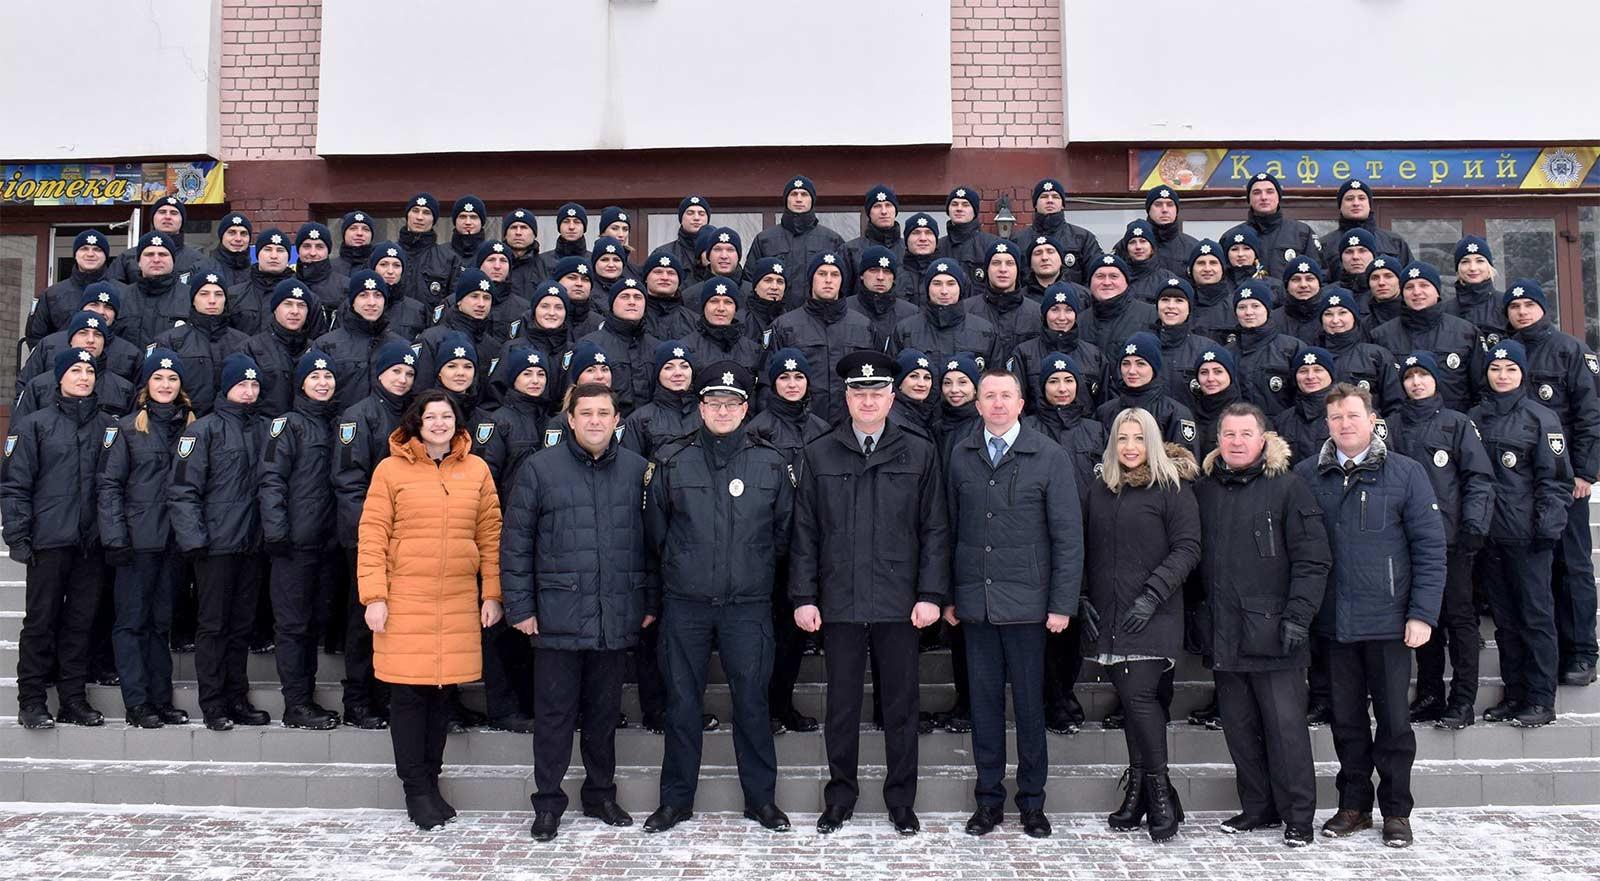 Нові обличчя, нові надії: патрульних Дніпра стало на 77 більше